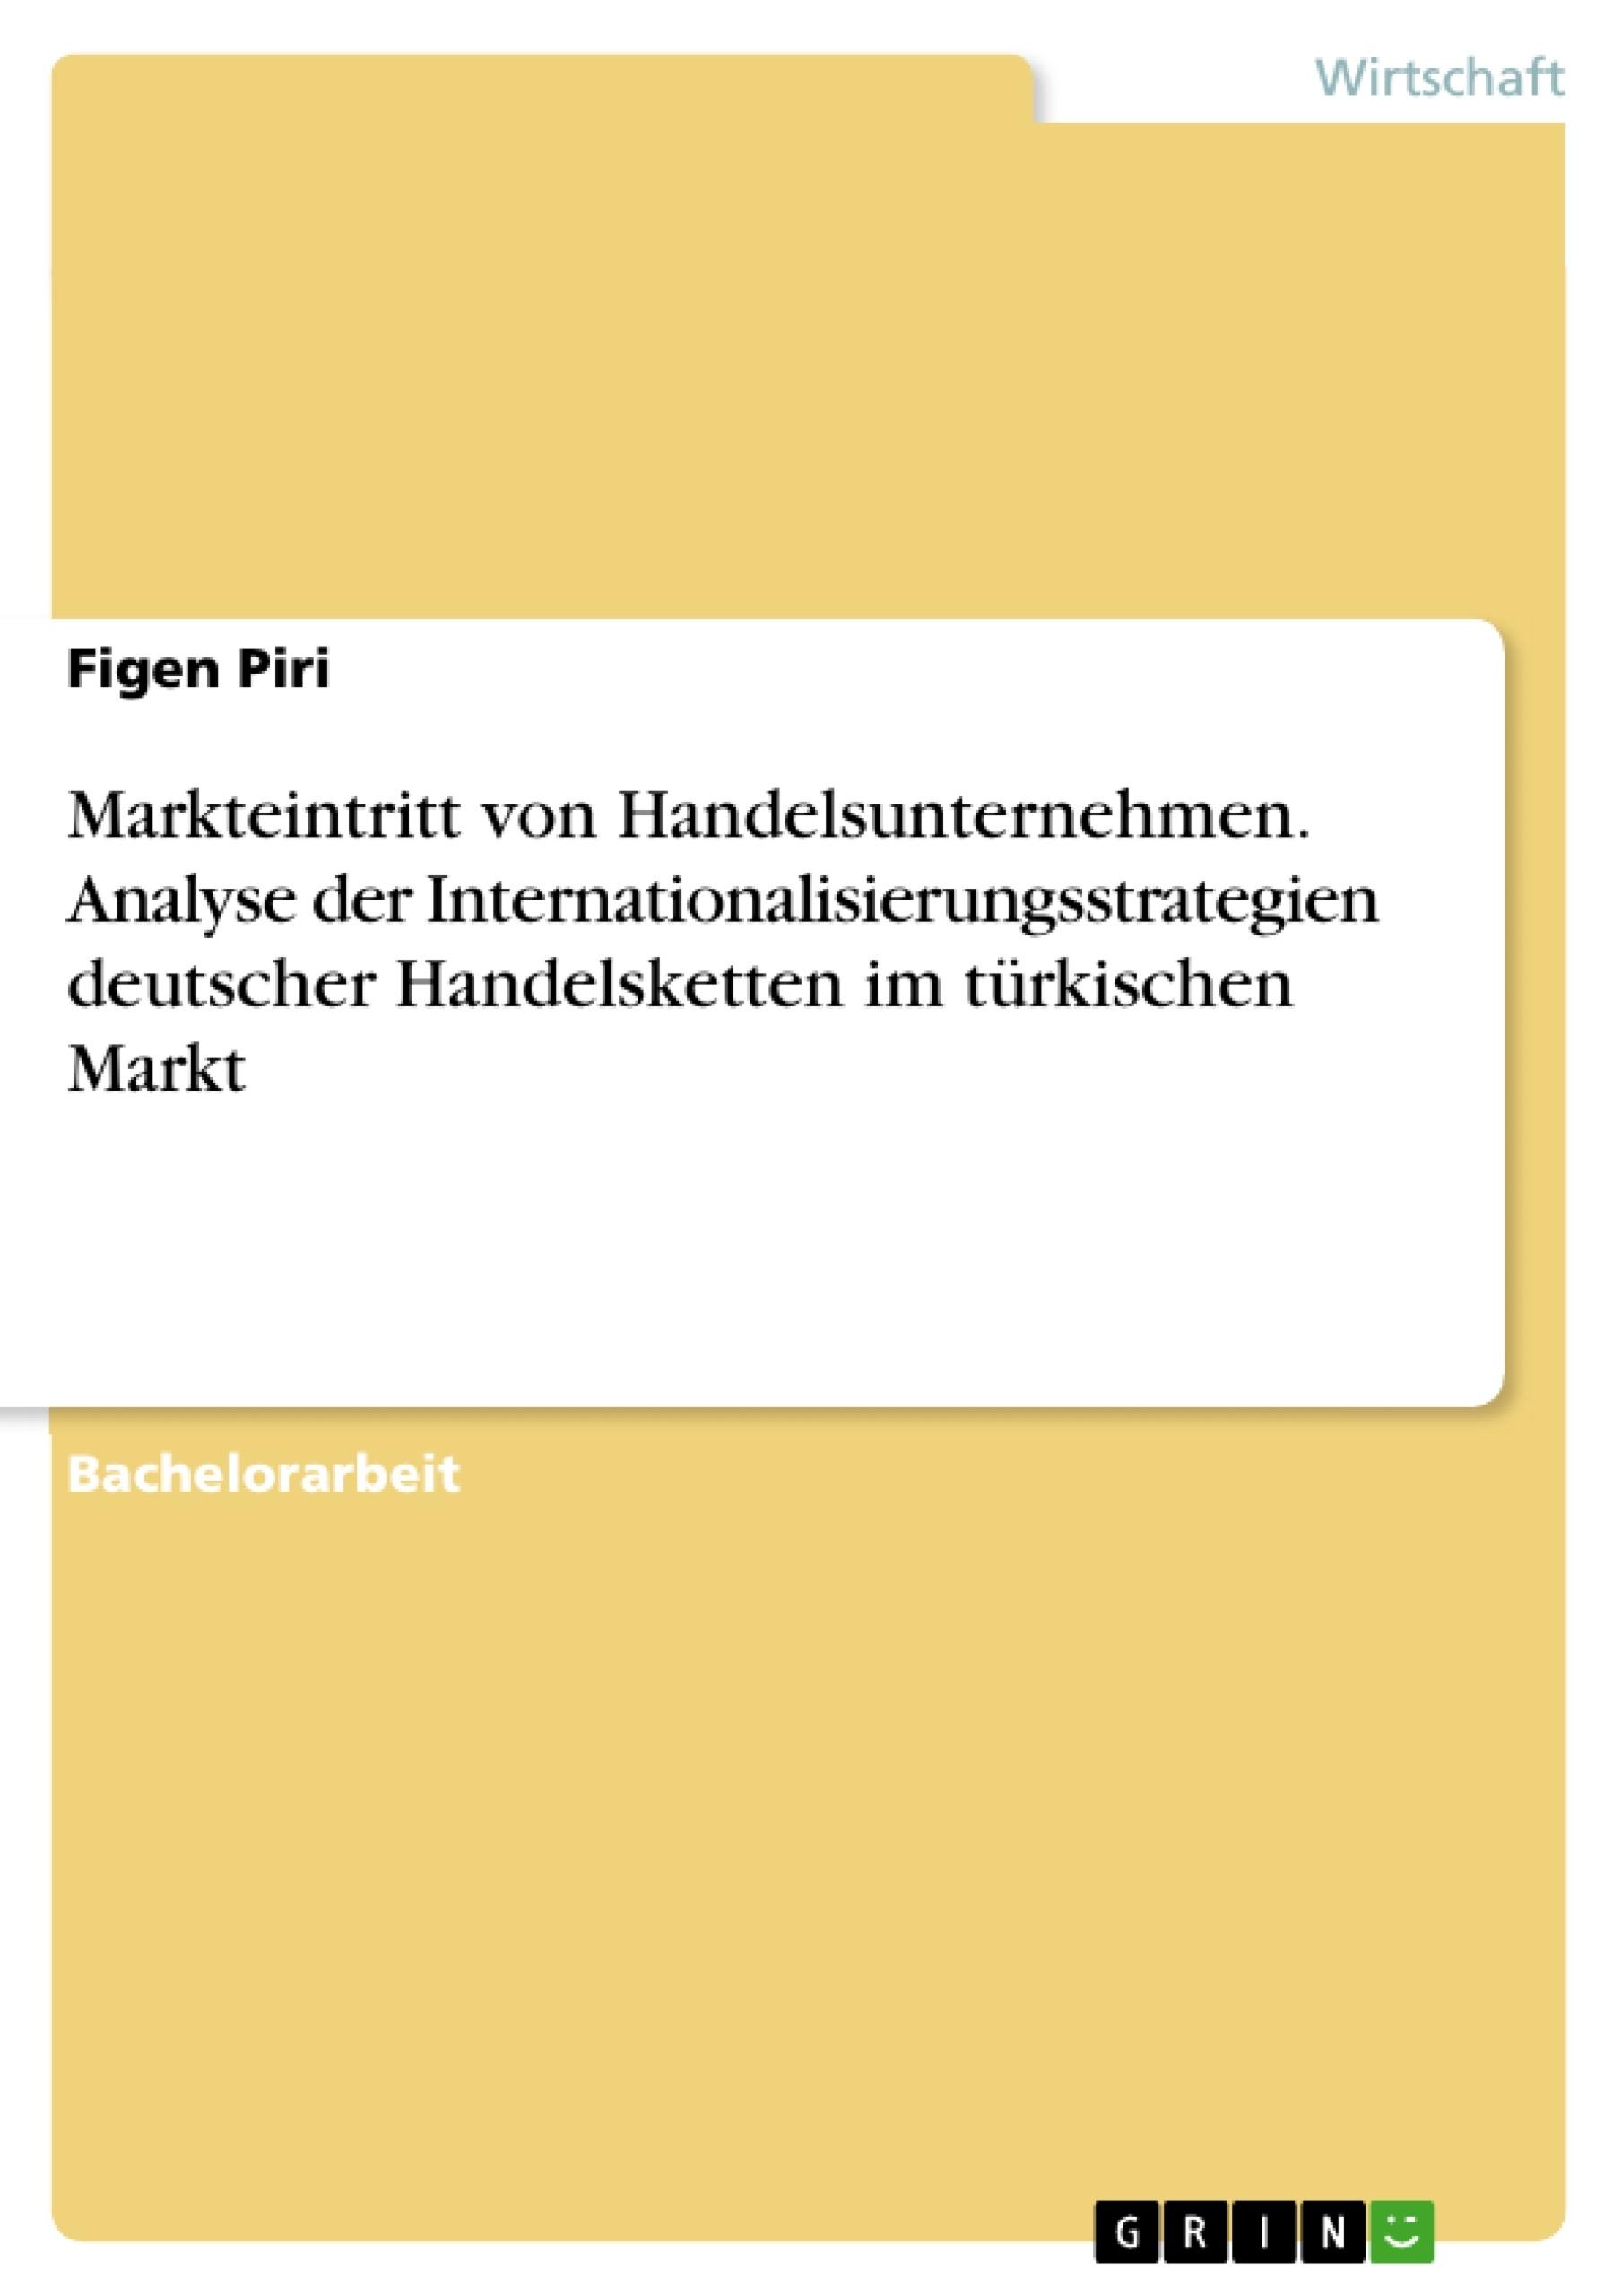 Titel: Markteintritt von Handelsunternehmen. Analyse der Internationalisierungsstrategien deutscher Handelsketten im türkischen Markt